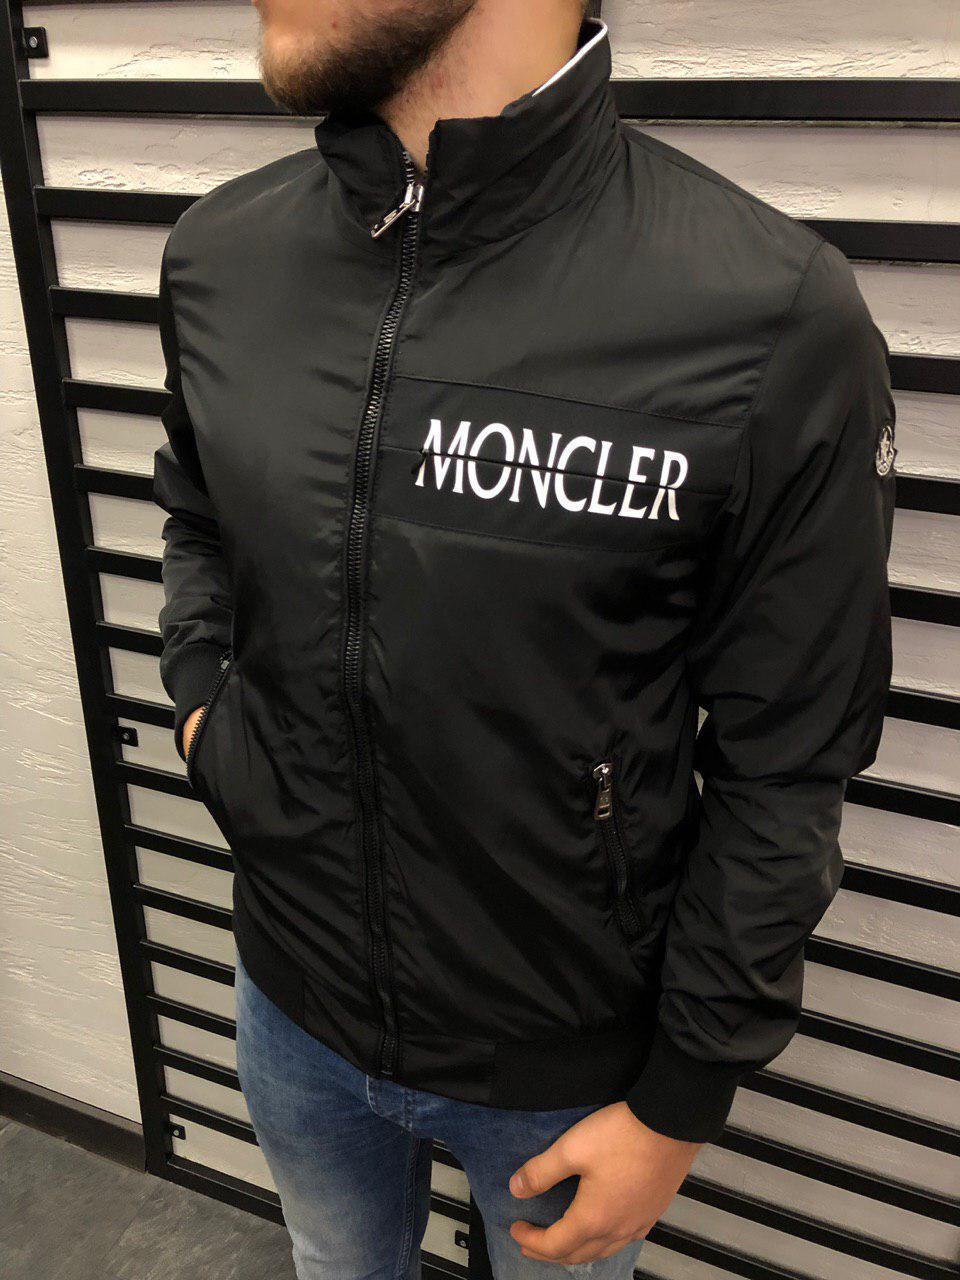 e4e53b5d23e28 Куртка мужская весенняя черного цвета Moncler топ-реплика - Интернет-магазин  обуви и одежды